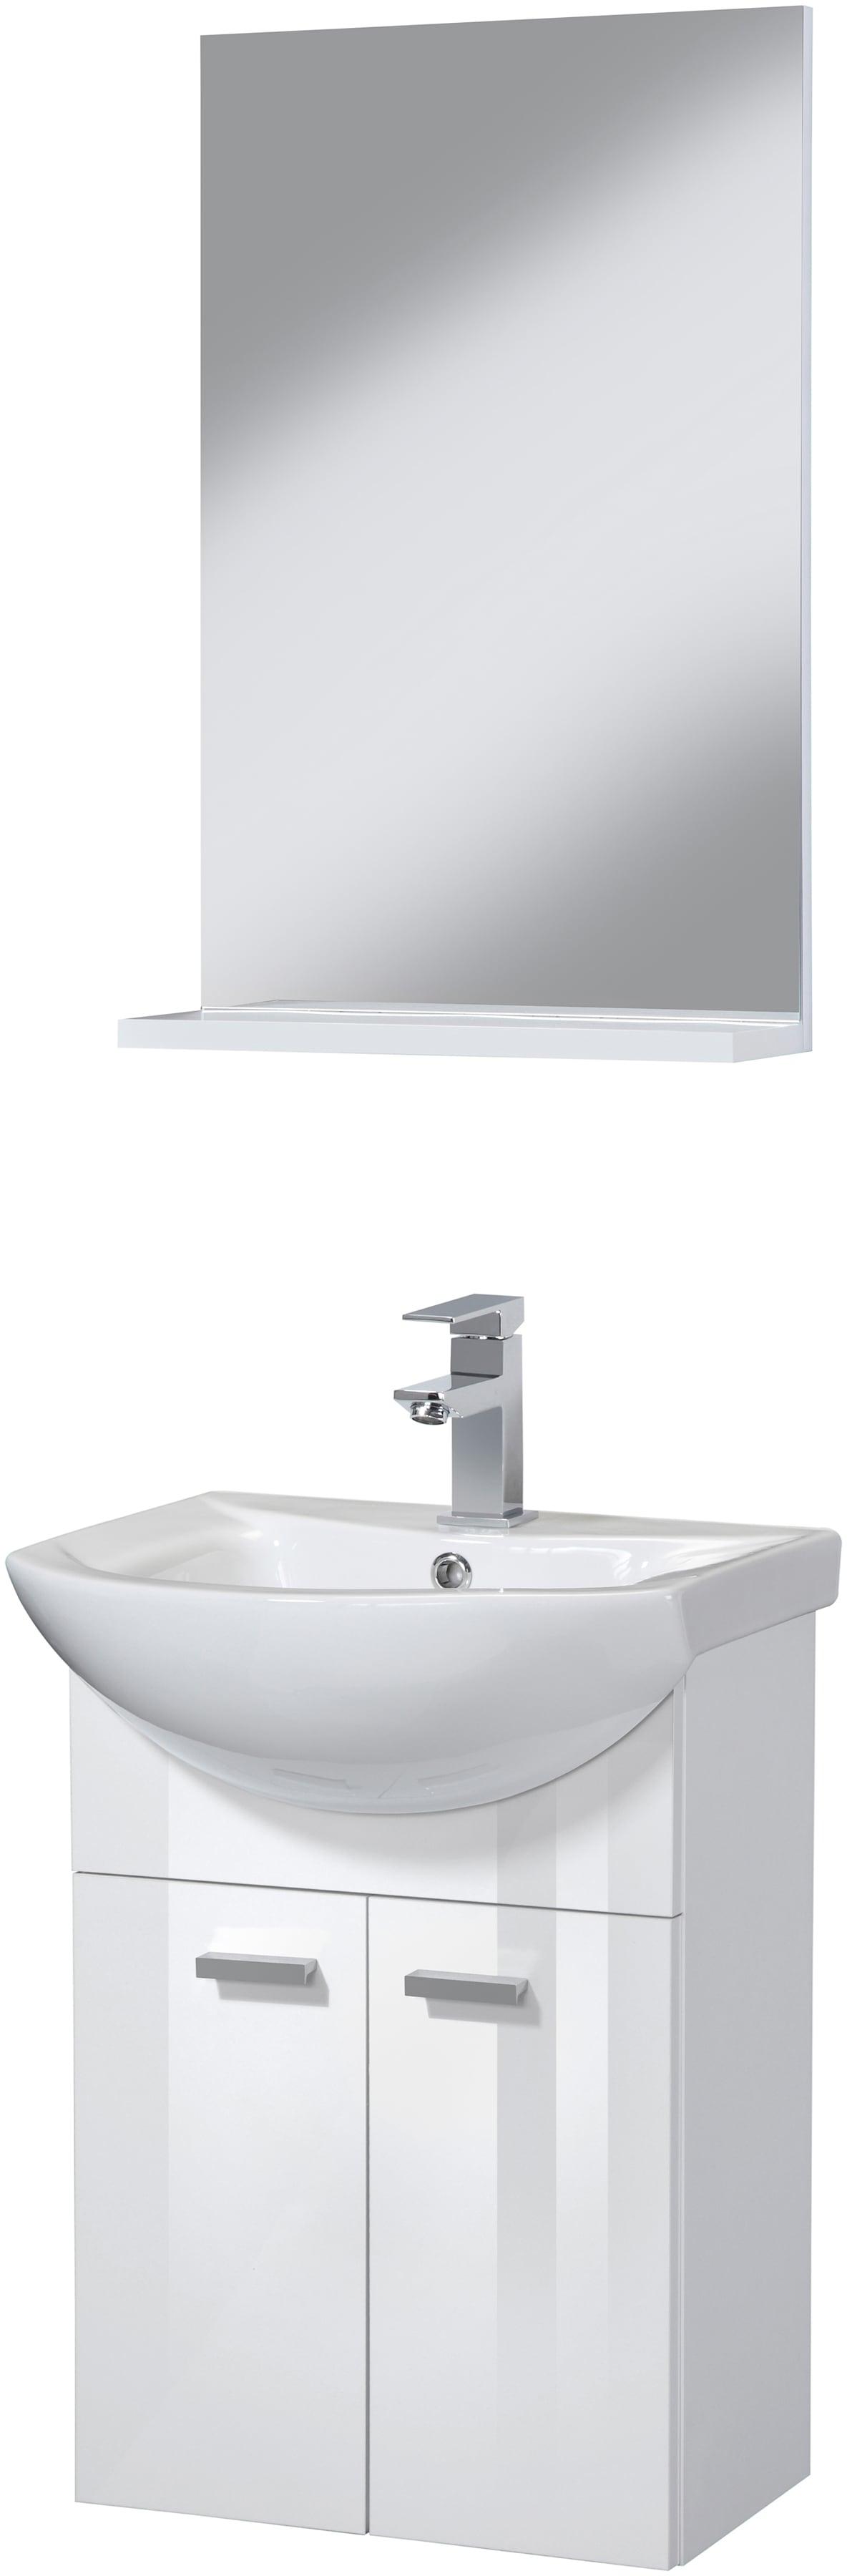 Badmöbel-Set SOMA Premium Waschtisch und Spiegel Breite 45 cm 3-tlg